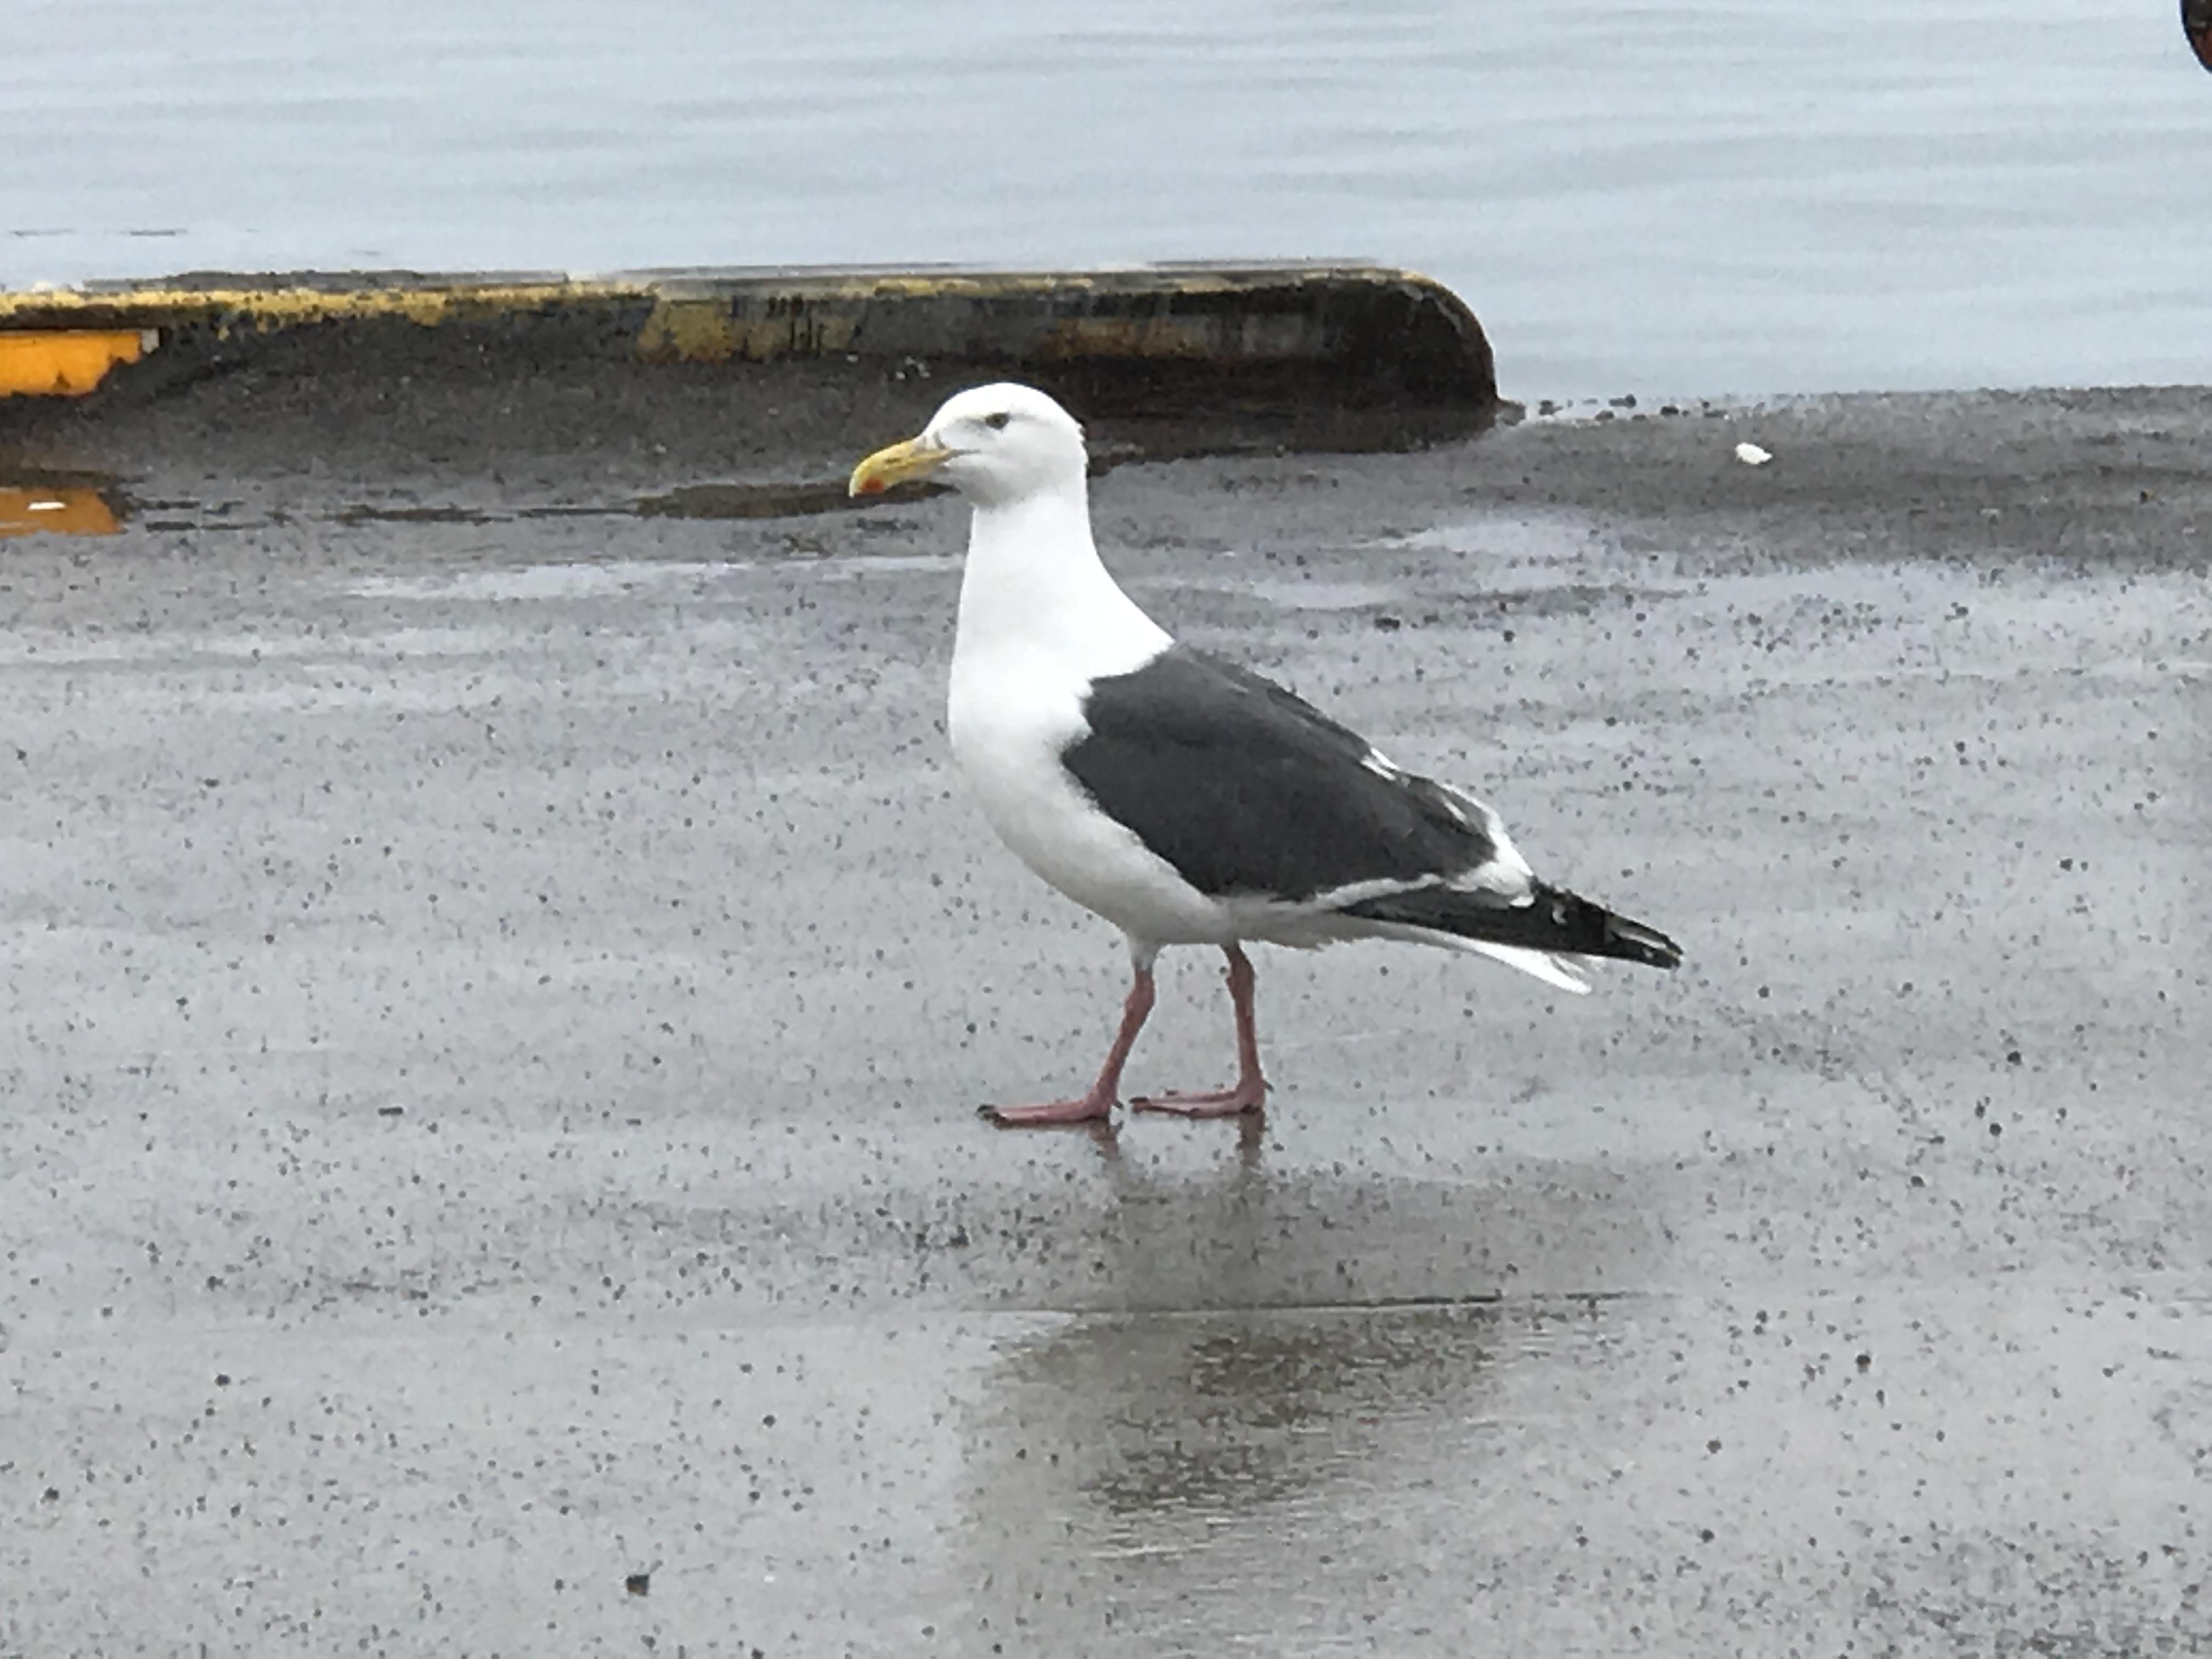 本日の朝のパトロール 苫小牧西港→白老→苫小牧東港